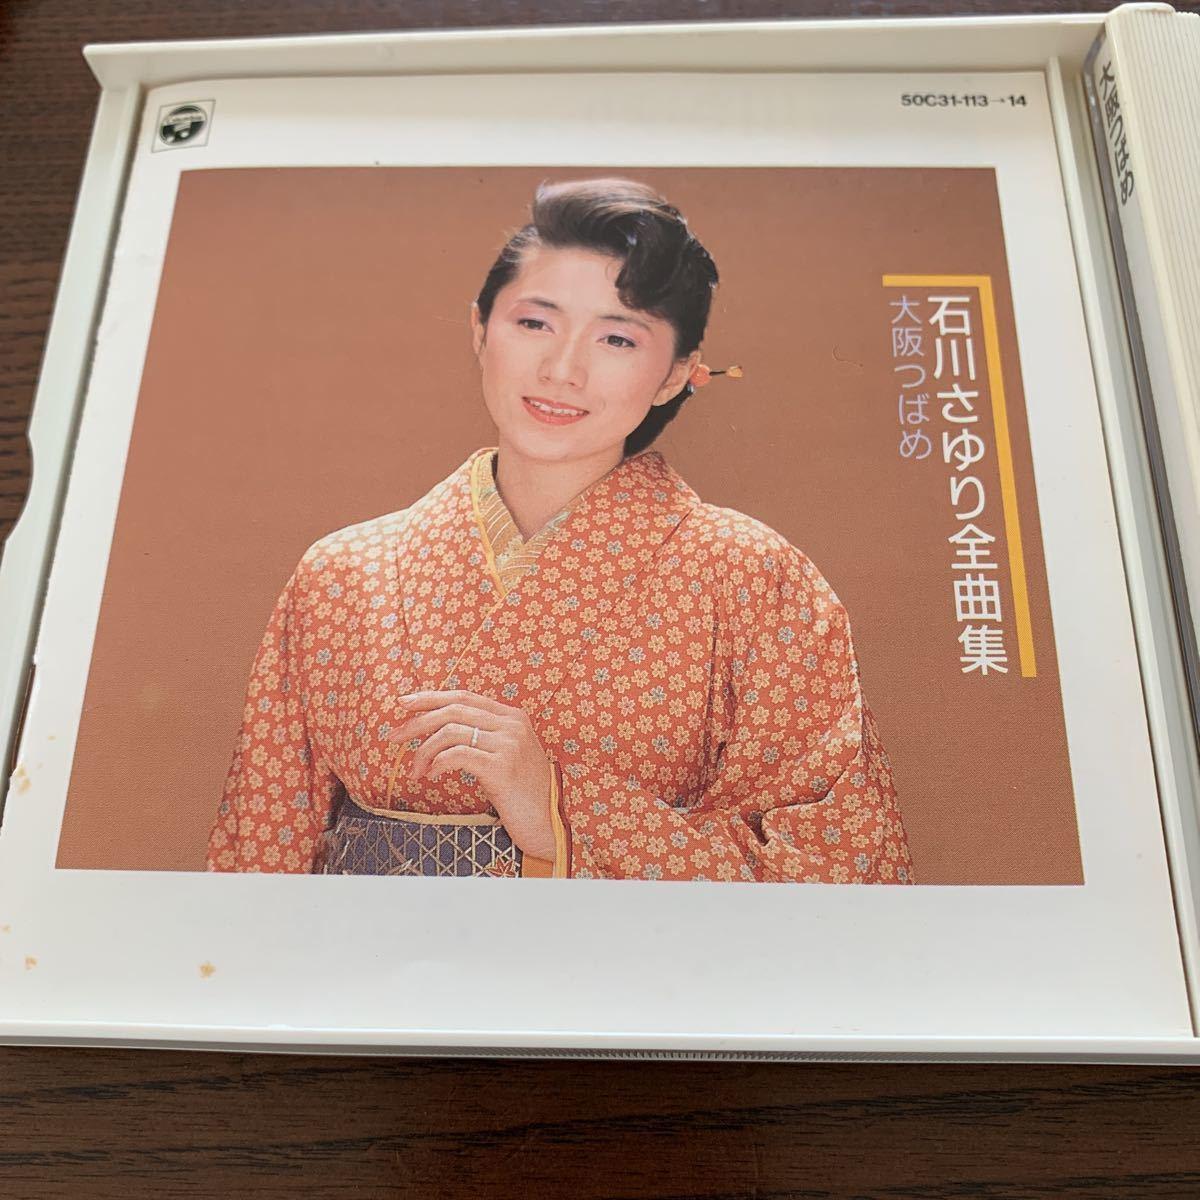 8☆ 石川さゆり 全曲集 大阪つばめ 歌詞カードにシミ有り_画像3